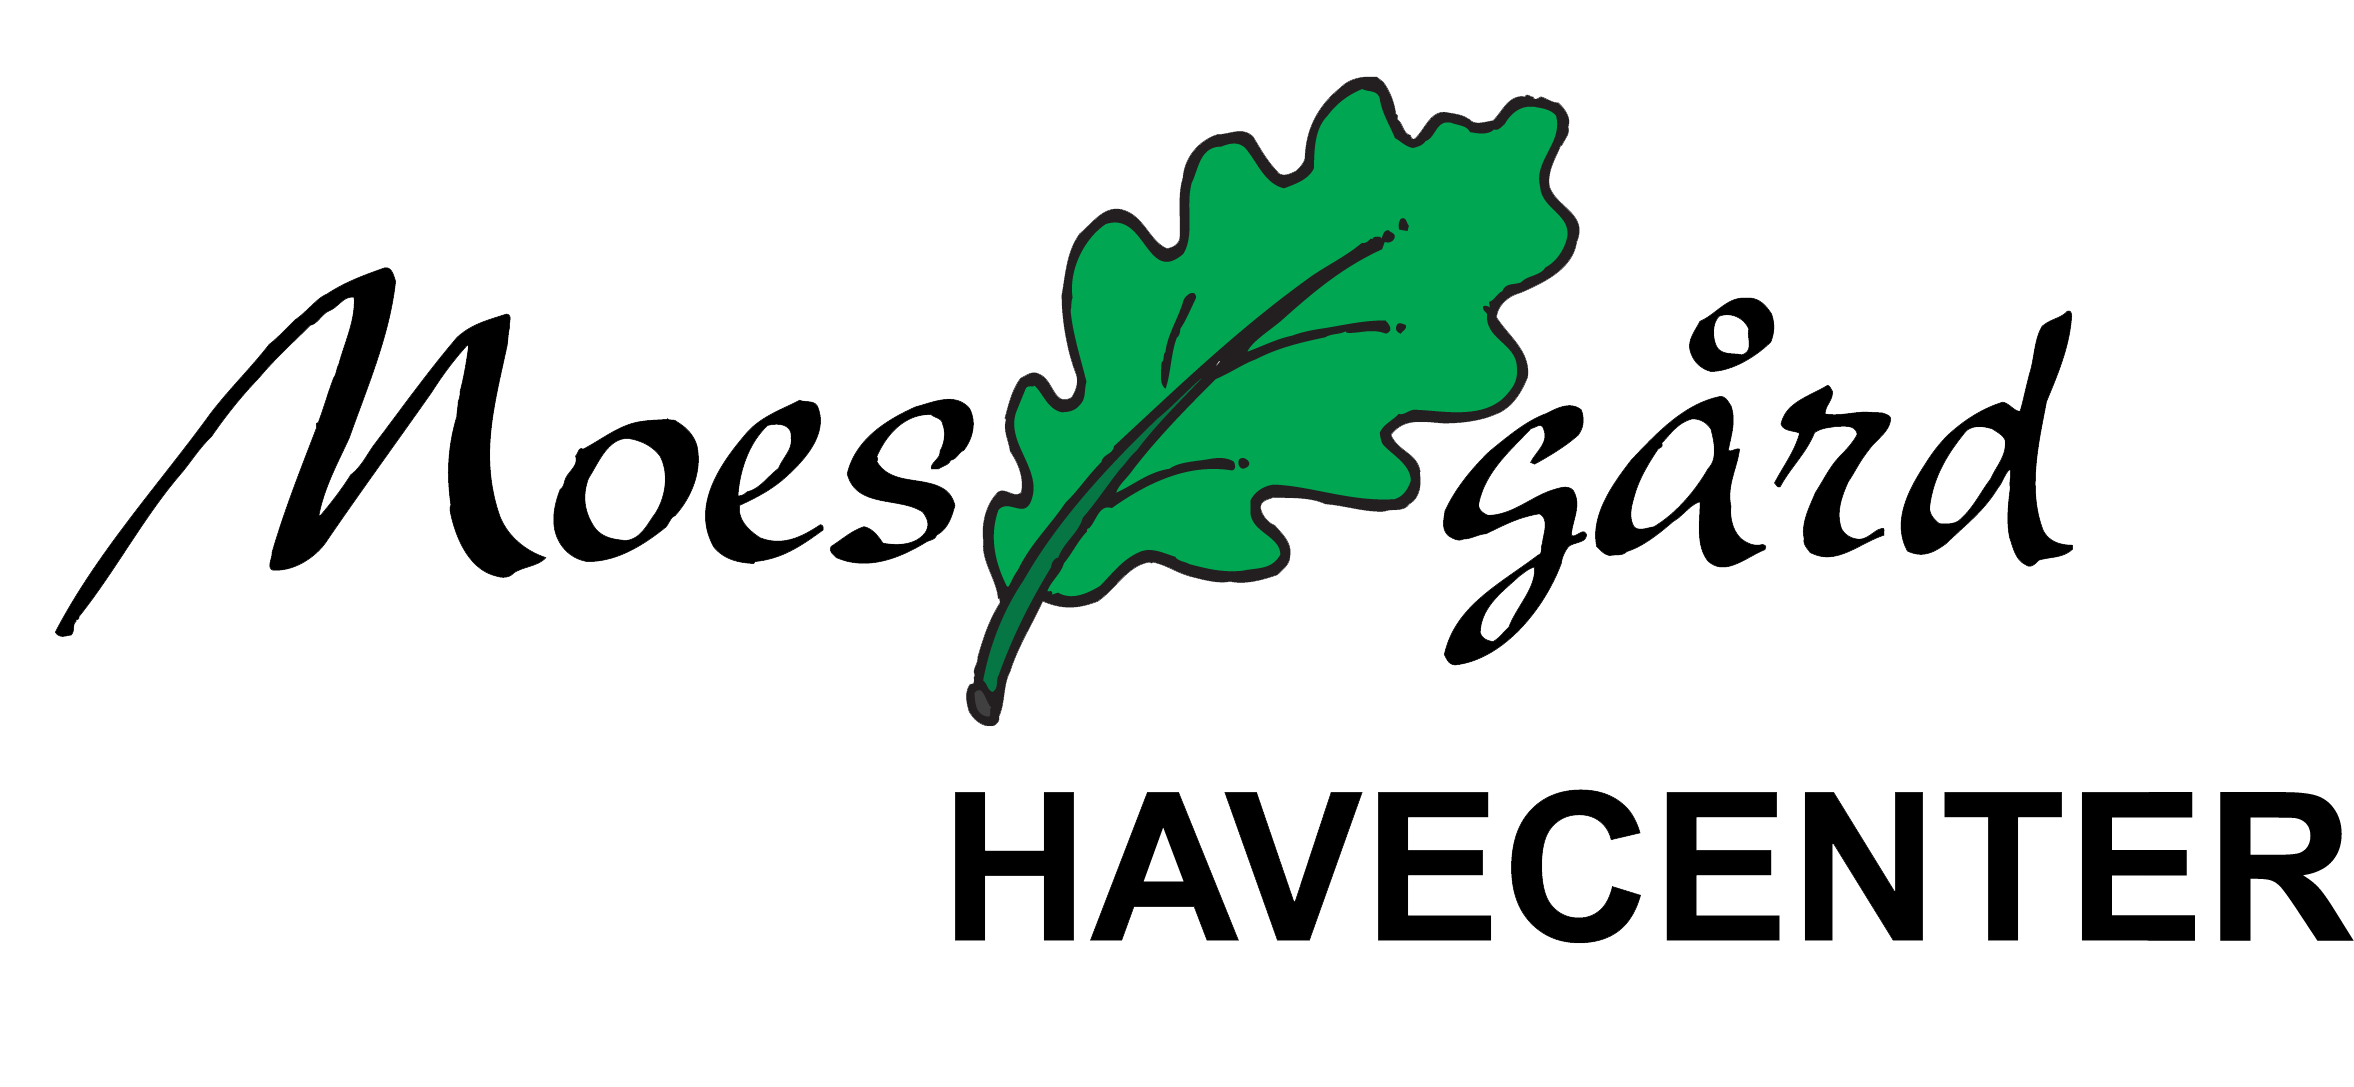 havecenter odder